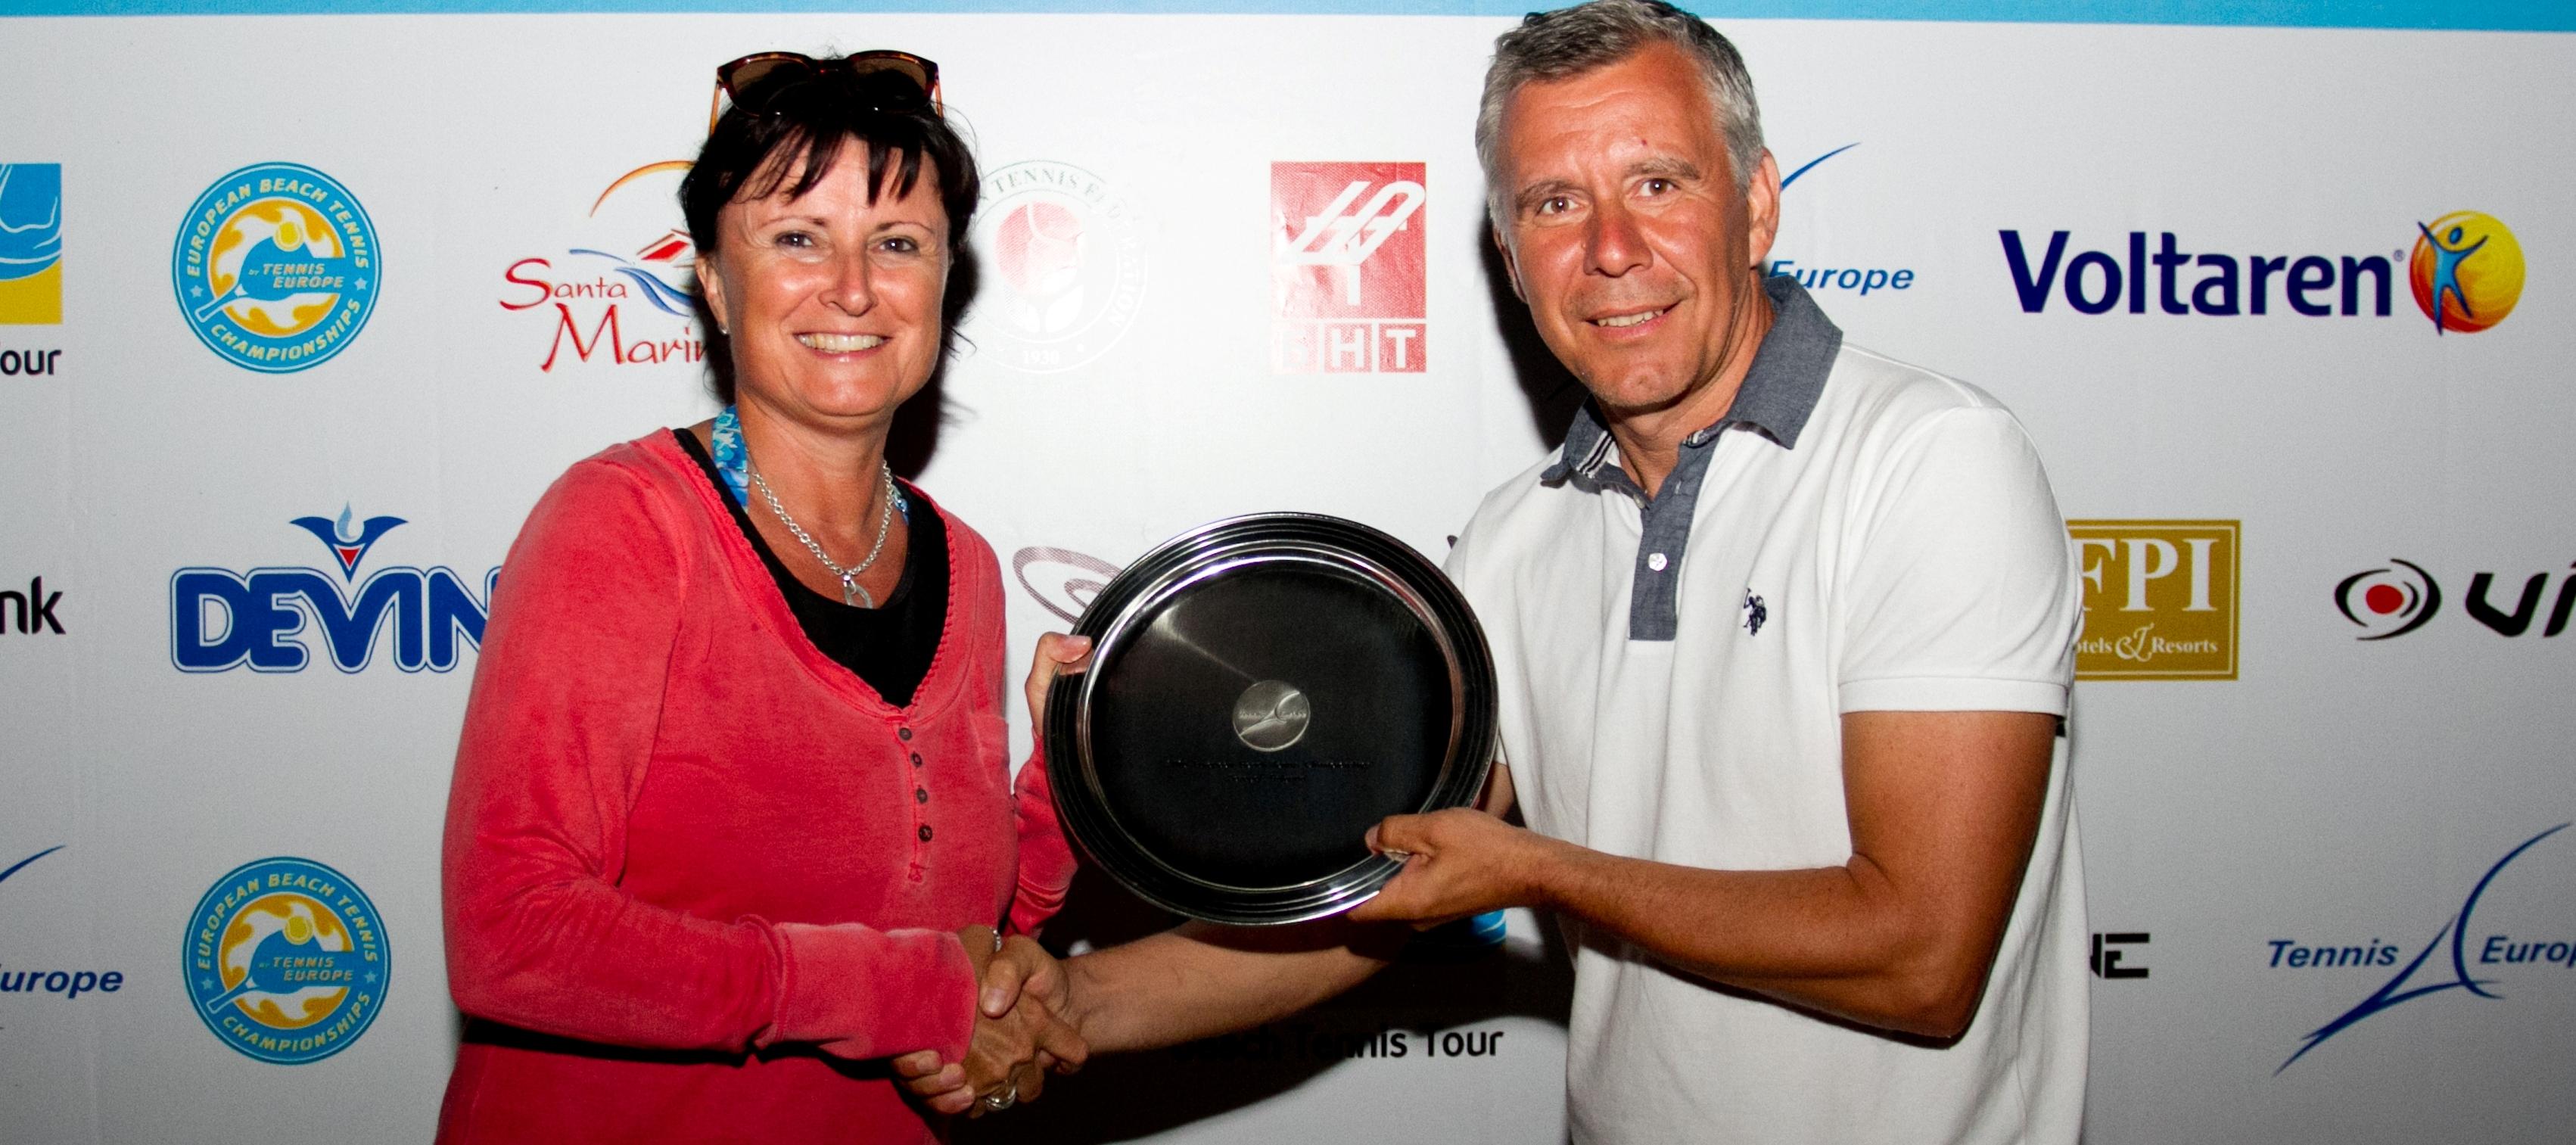 България с международна награда за организатор на европейското първенство по плажен тенис